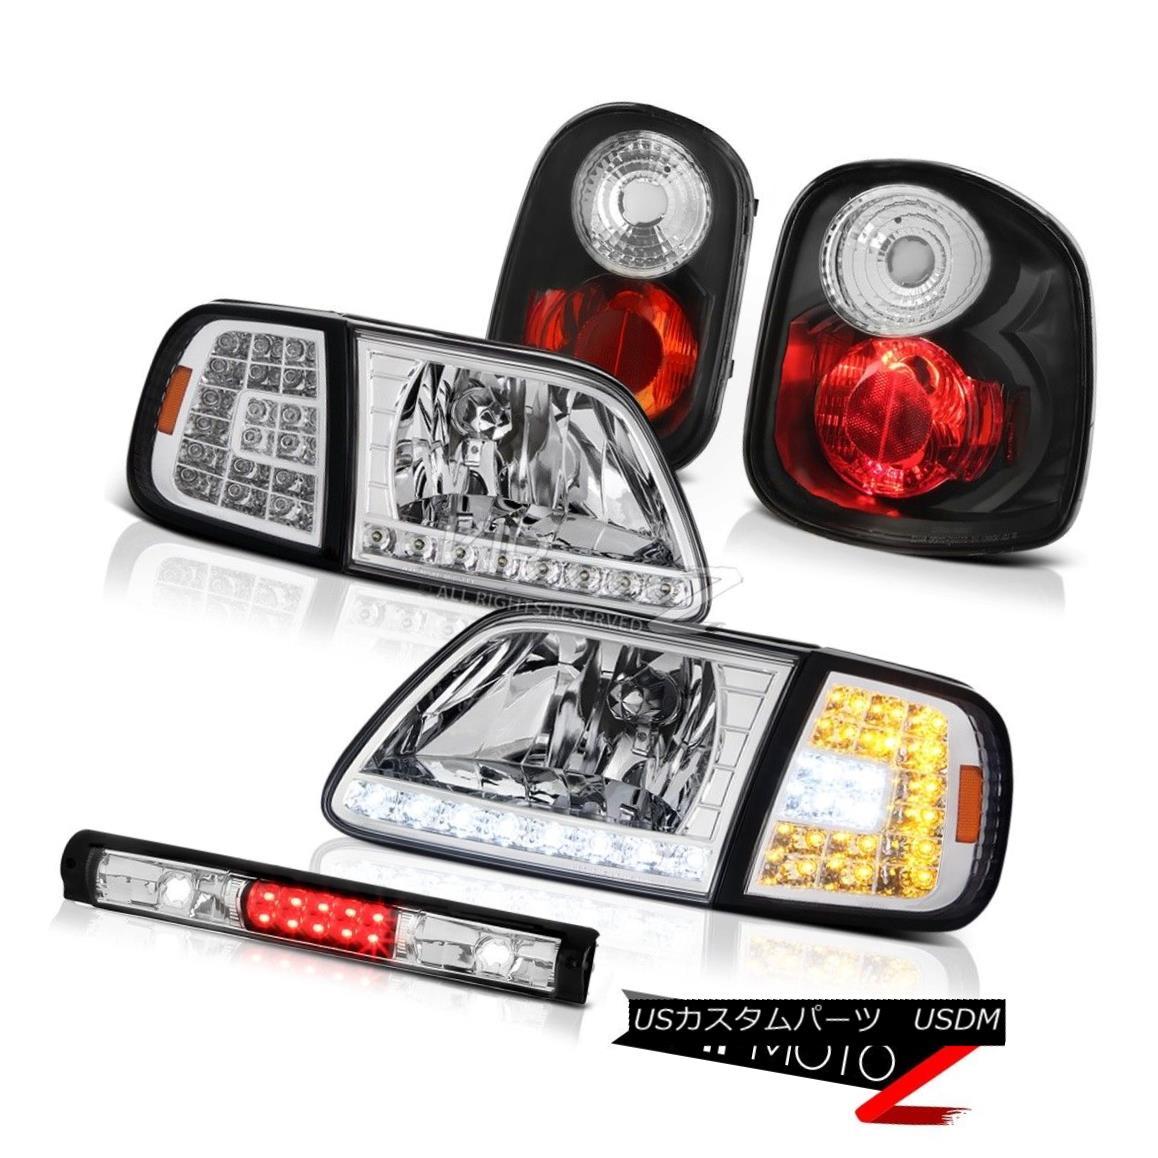 ヘッドライト SMD Headlight Tail Brake Lamp High Stop LED 97-00 F150 Flareside Harley Davidson SMDヘッドライトテールブレーキランプハイストップLED 97-00 F150 Flaresideハーレーダビッドソン